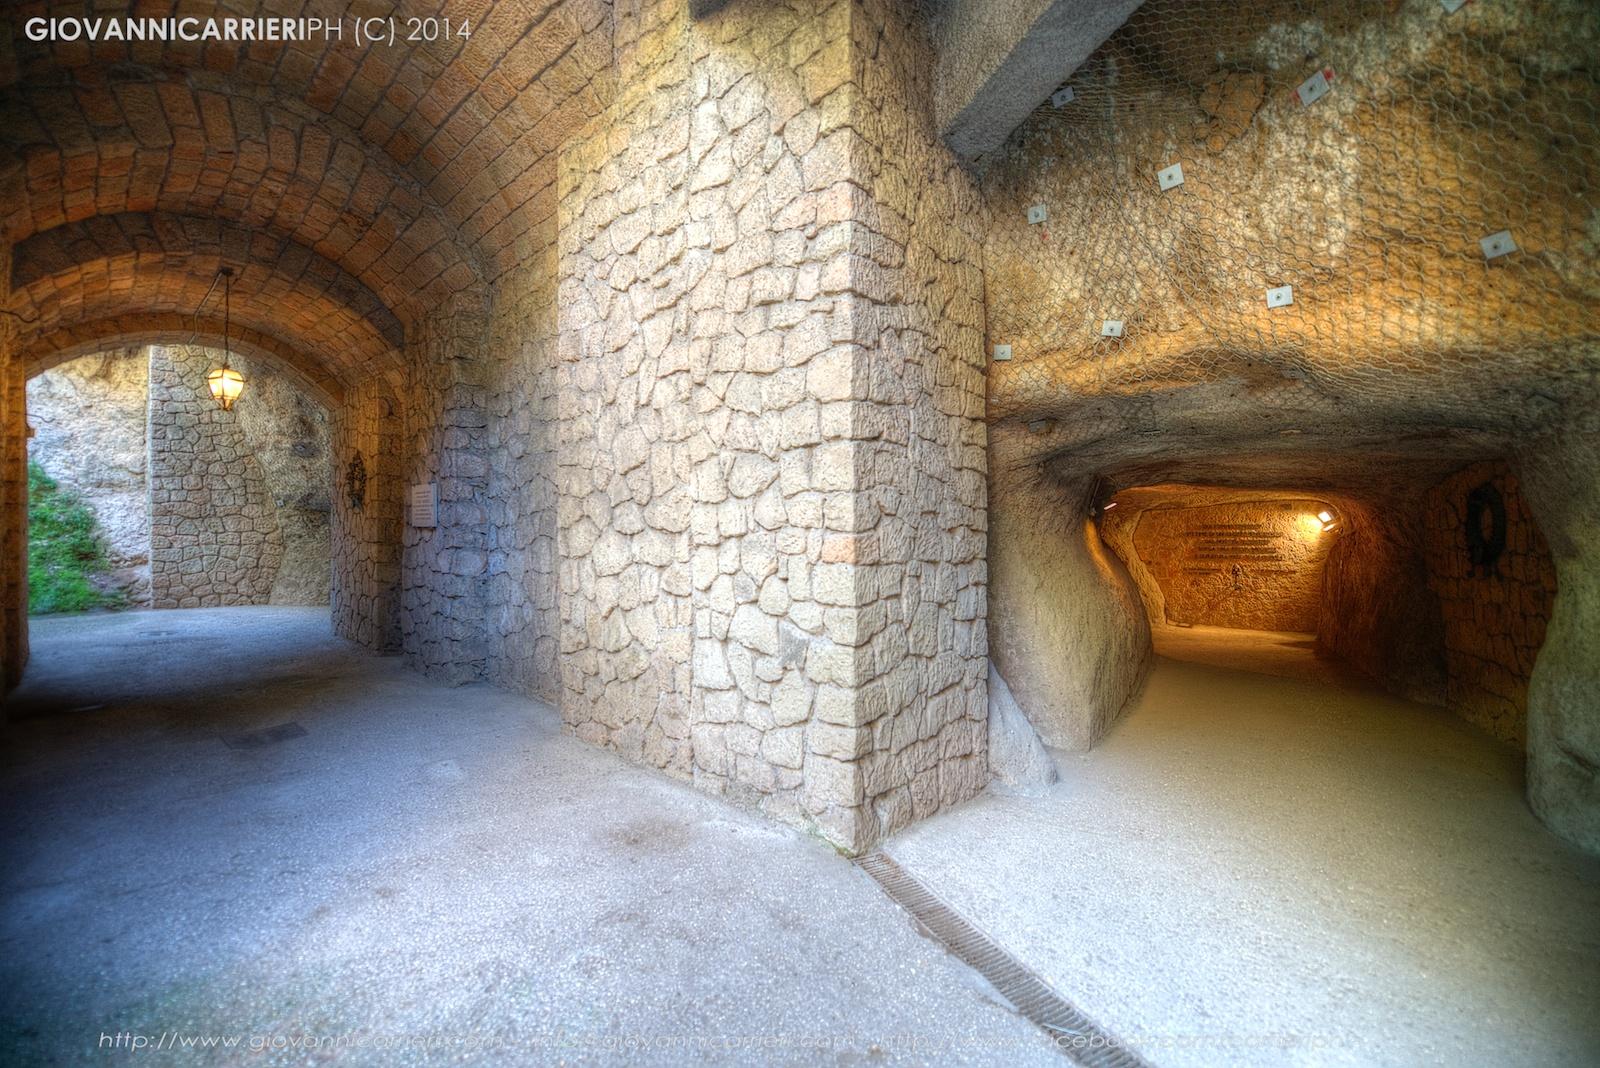 La lapide posta a memoria del massacro all'interno della grotta del massacro delle Fosse Ardeatine